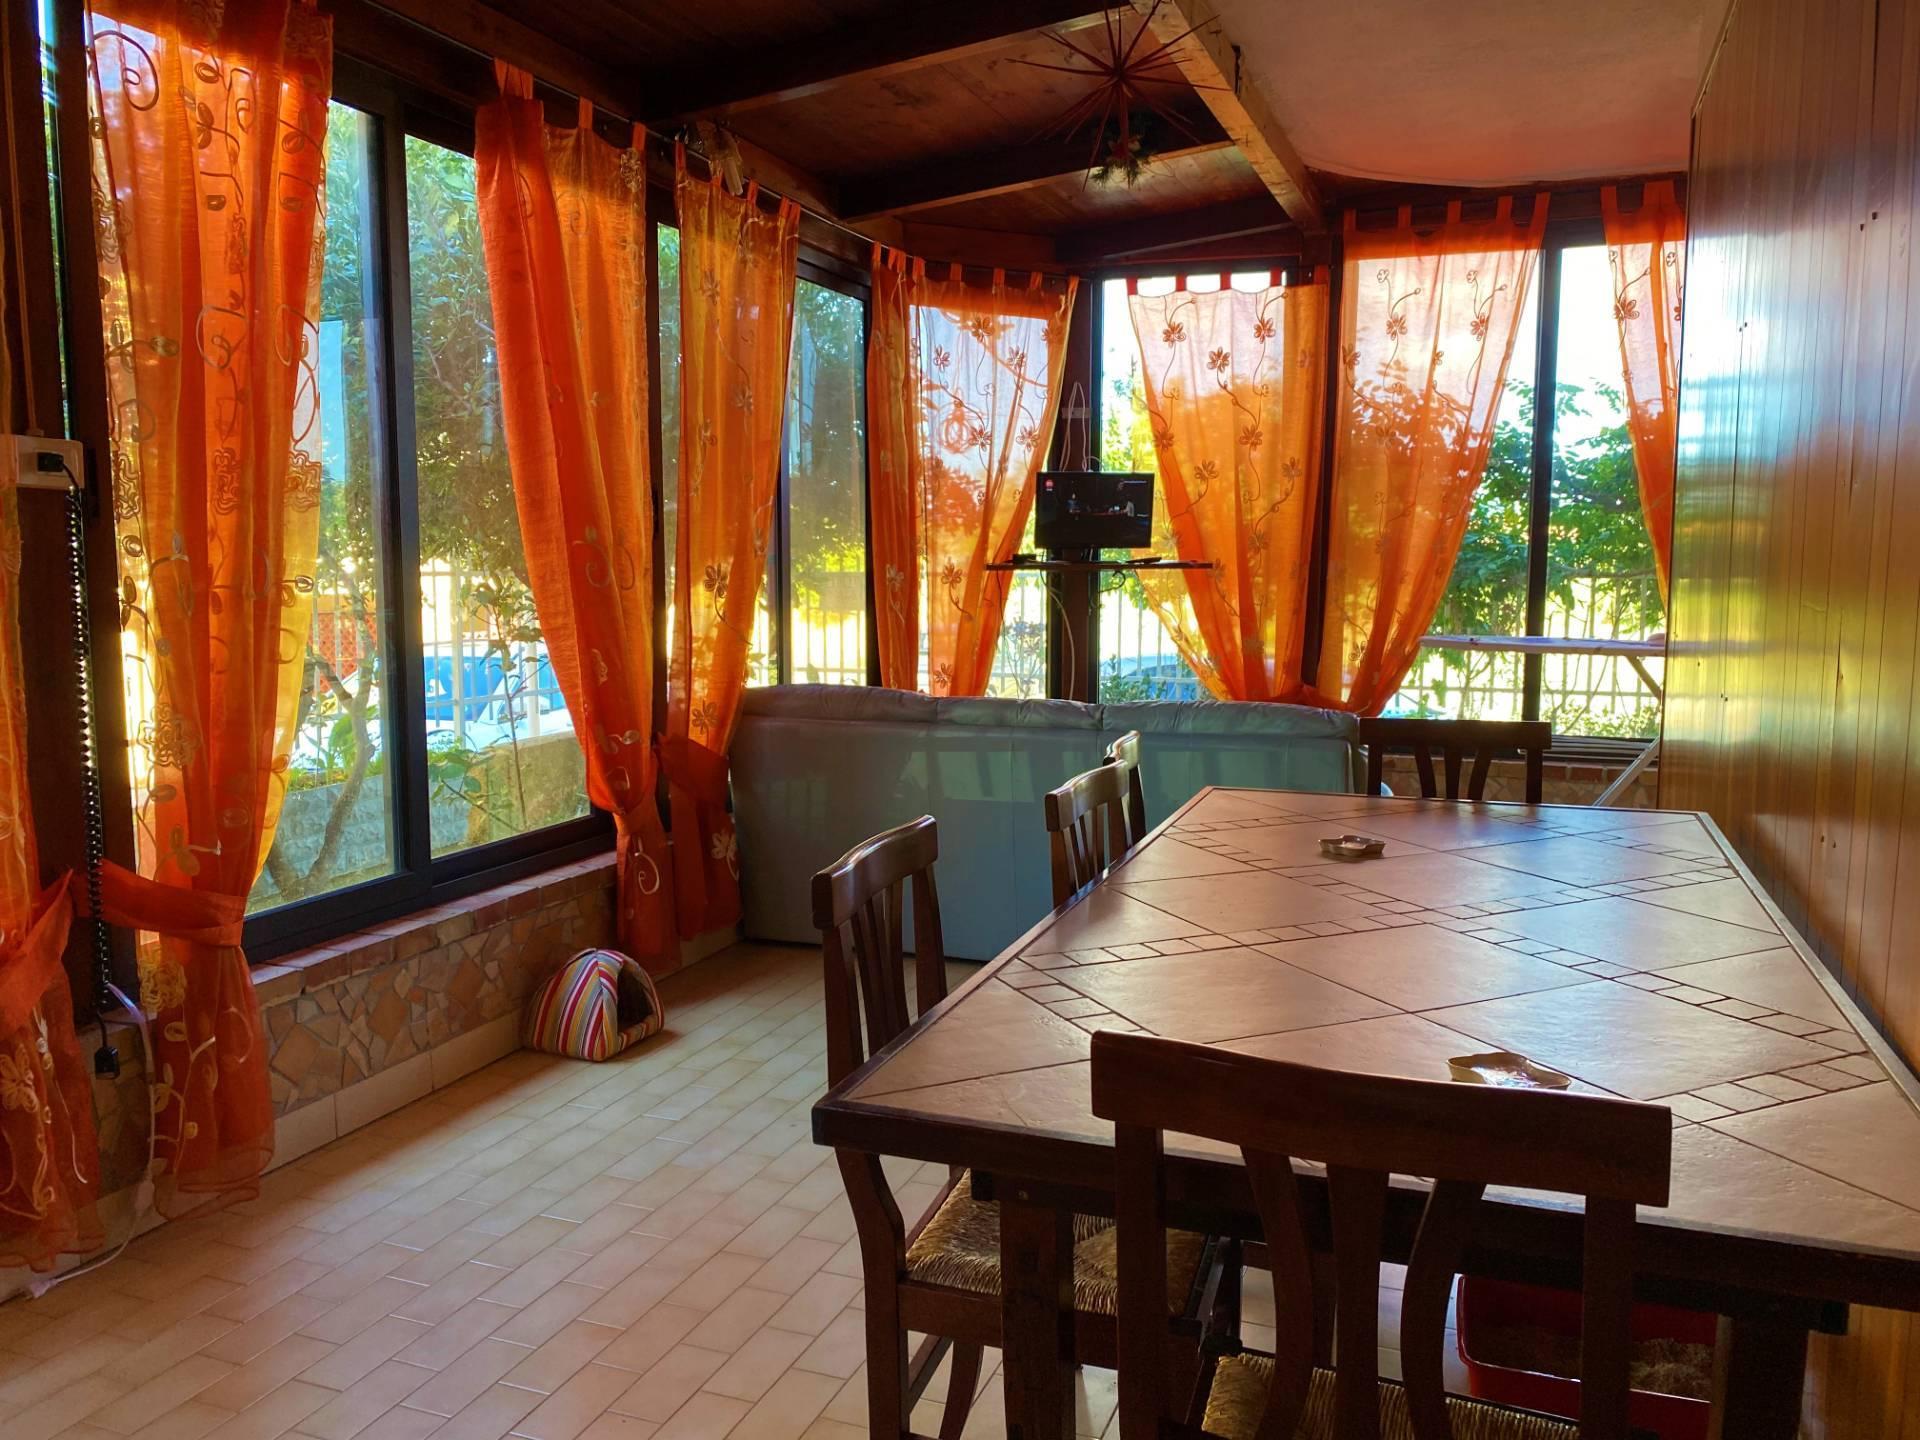 Appartamento in vendita a Davoli, 3 locali, zona Località: MarinadiDavoli, prezzo € 110.000 | PortaleAgenzieImmobiliari.it